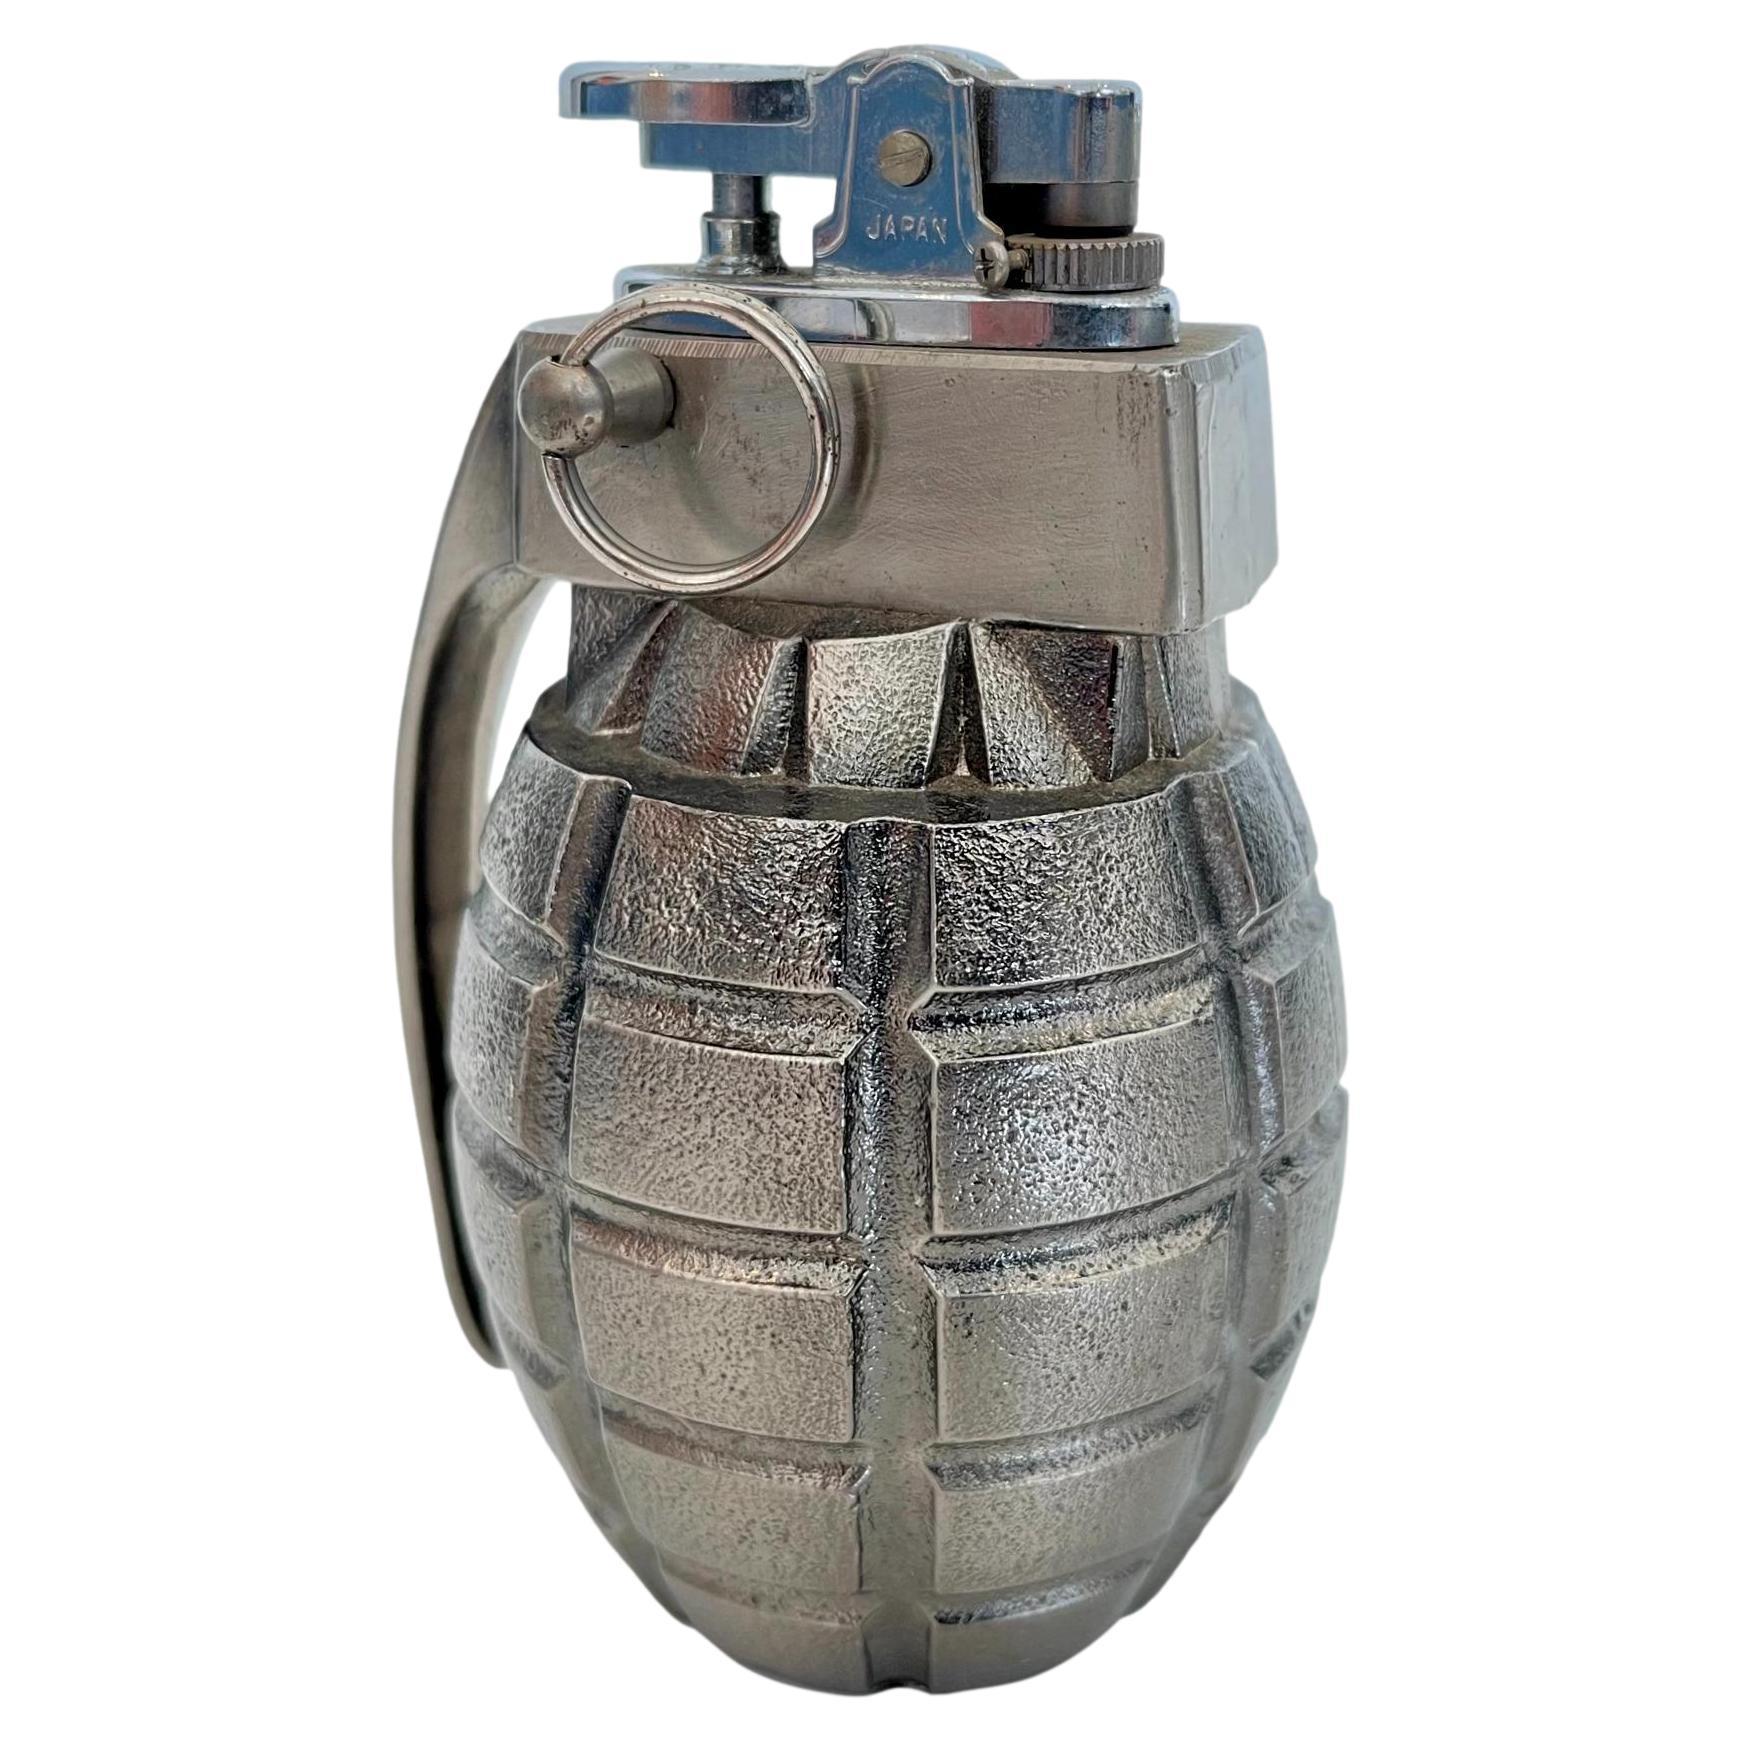 Japanese Grenade Lighter